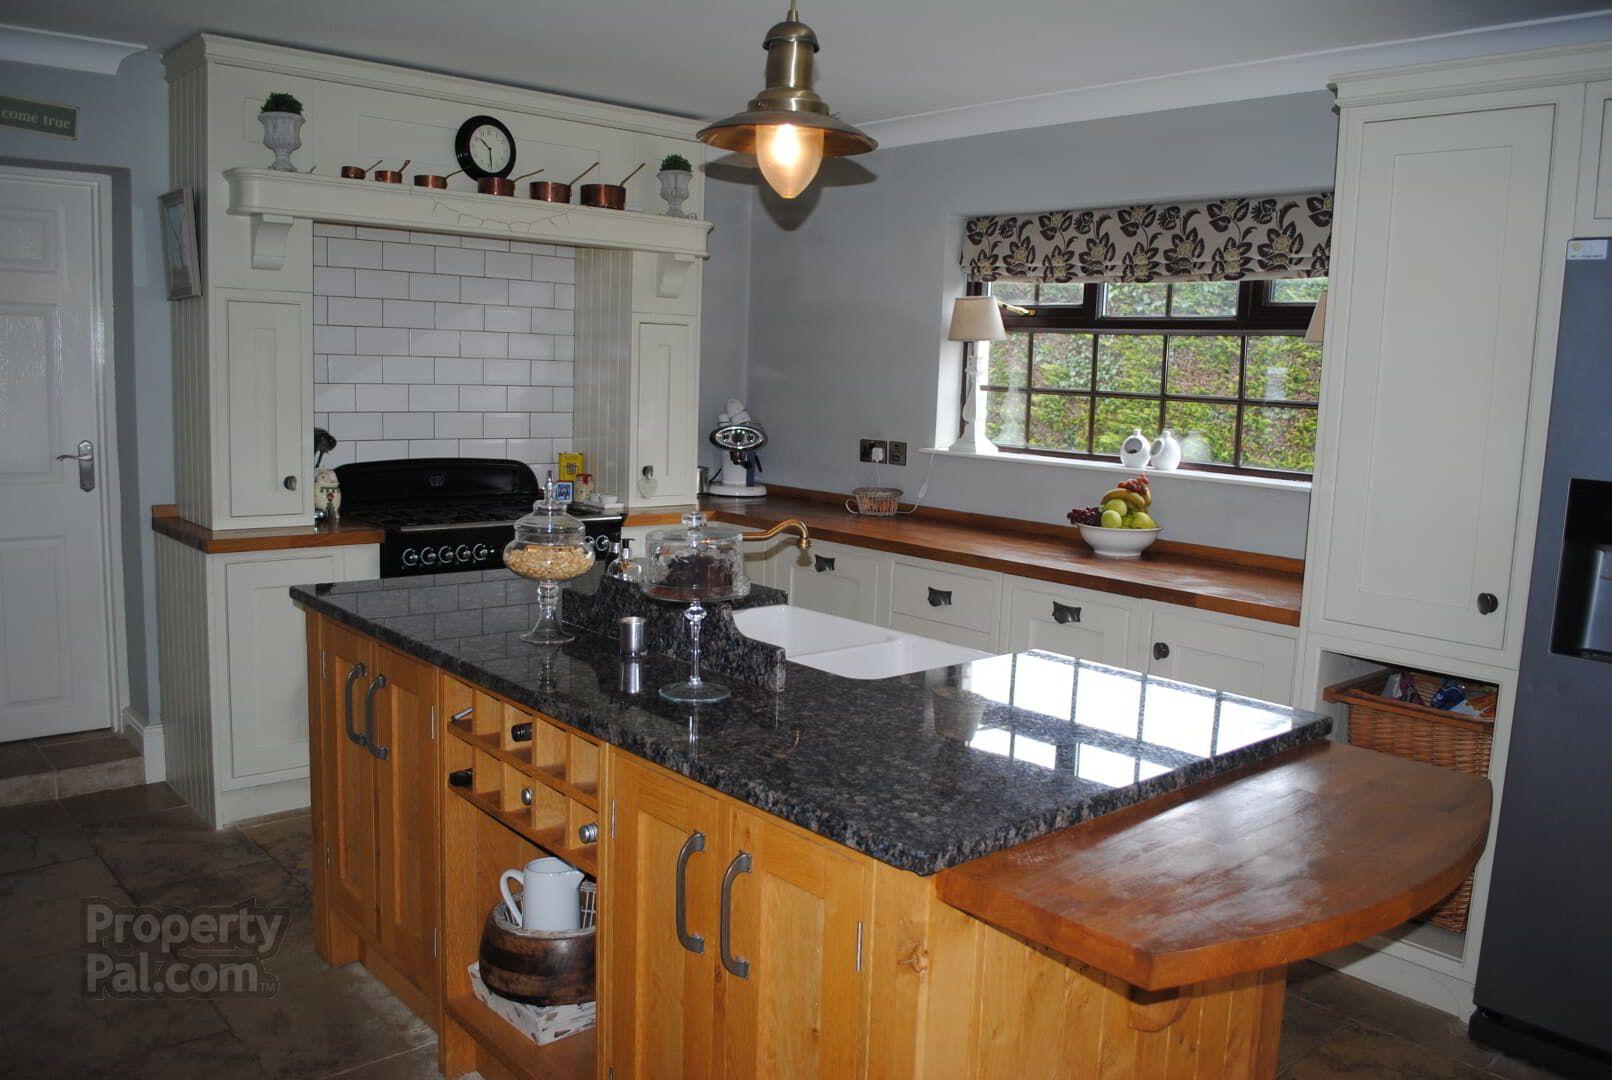 56A Niblock Road, Antrim Antrim, Kitchen, Kitchen